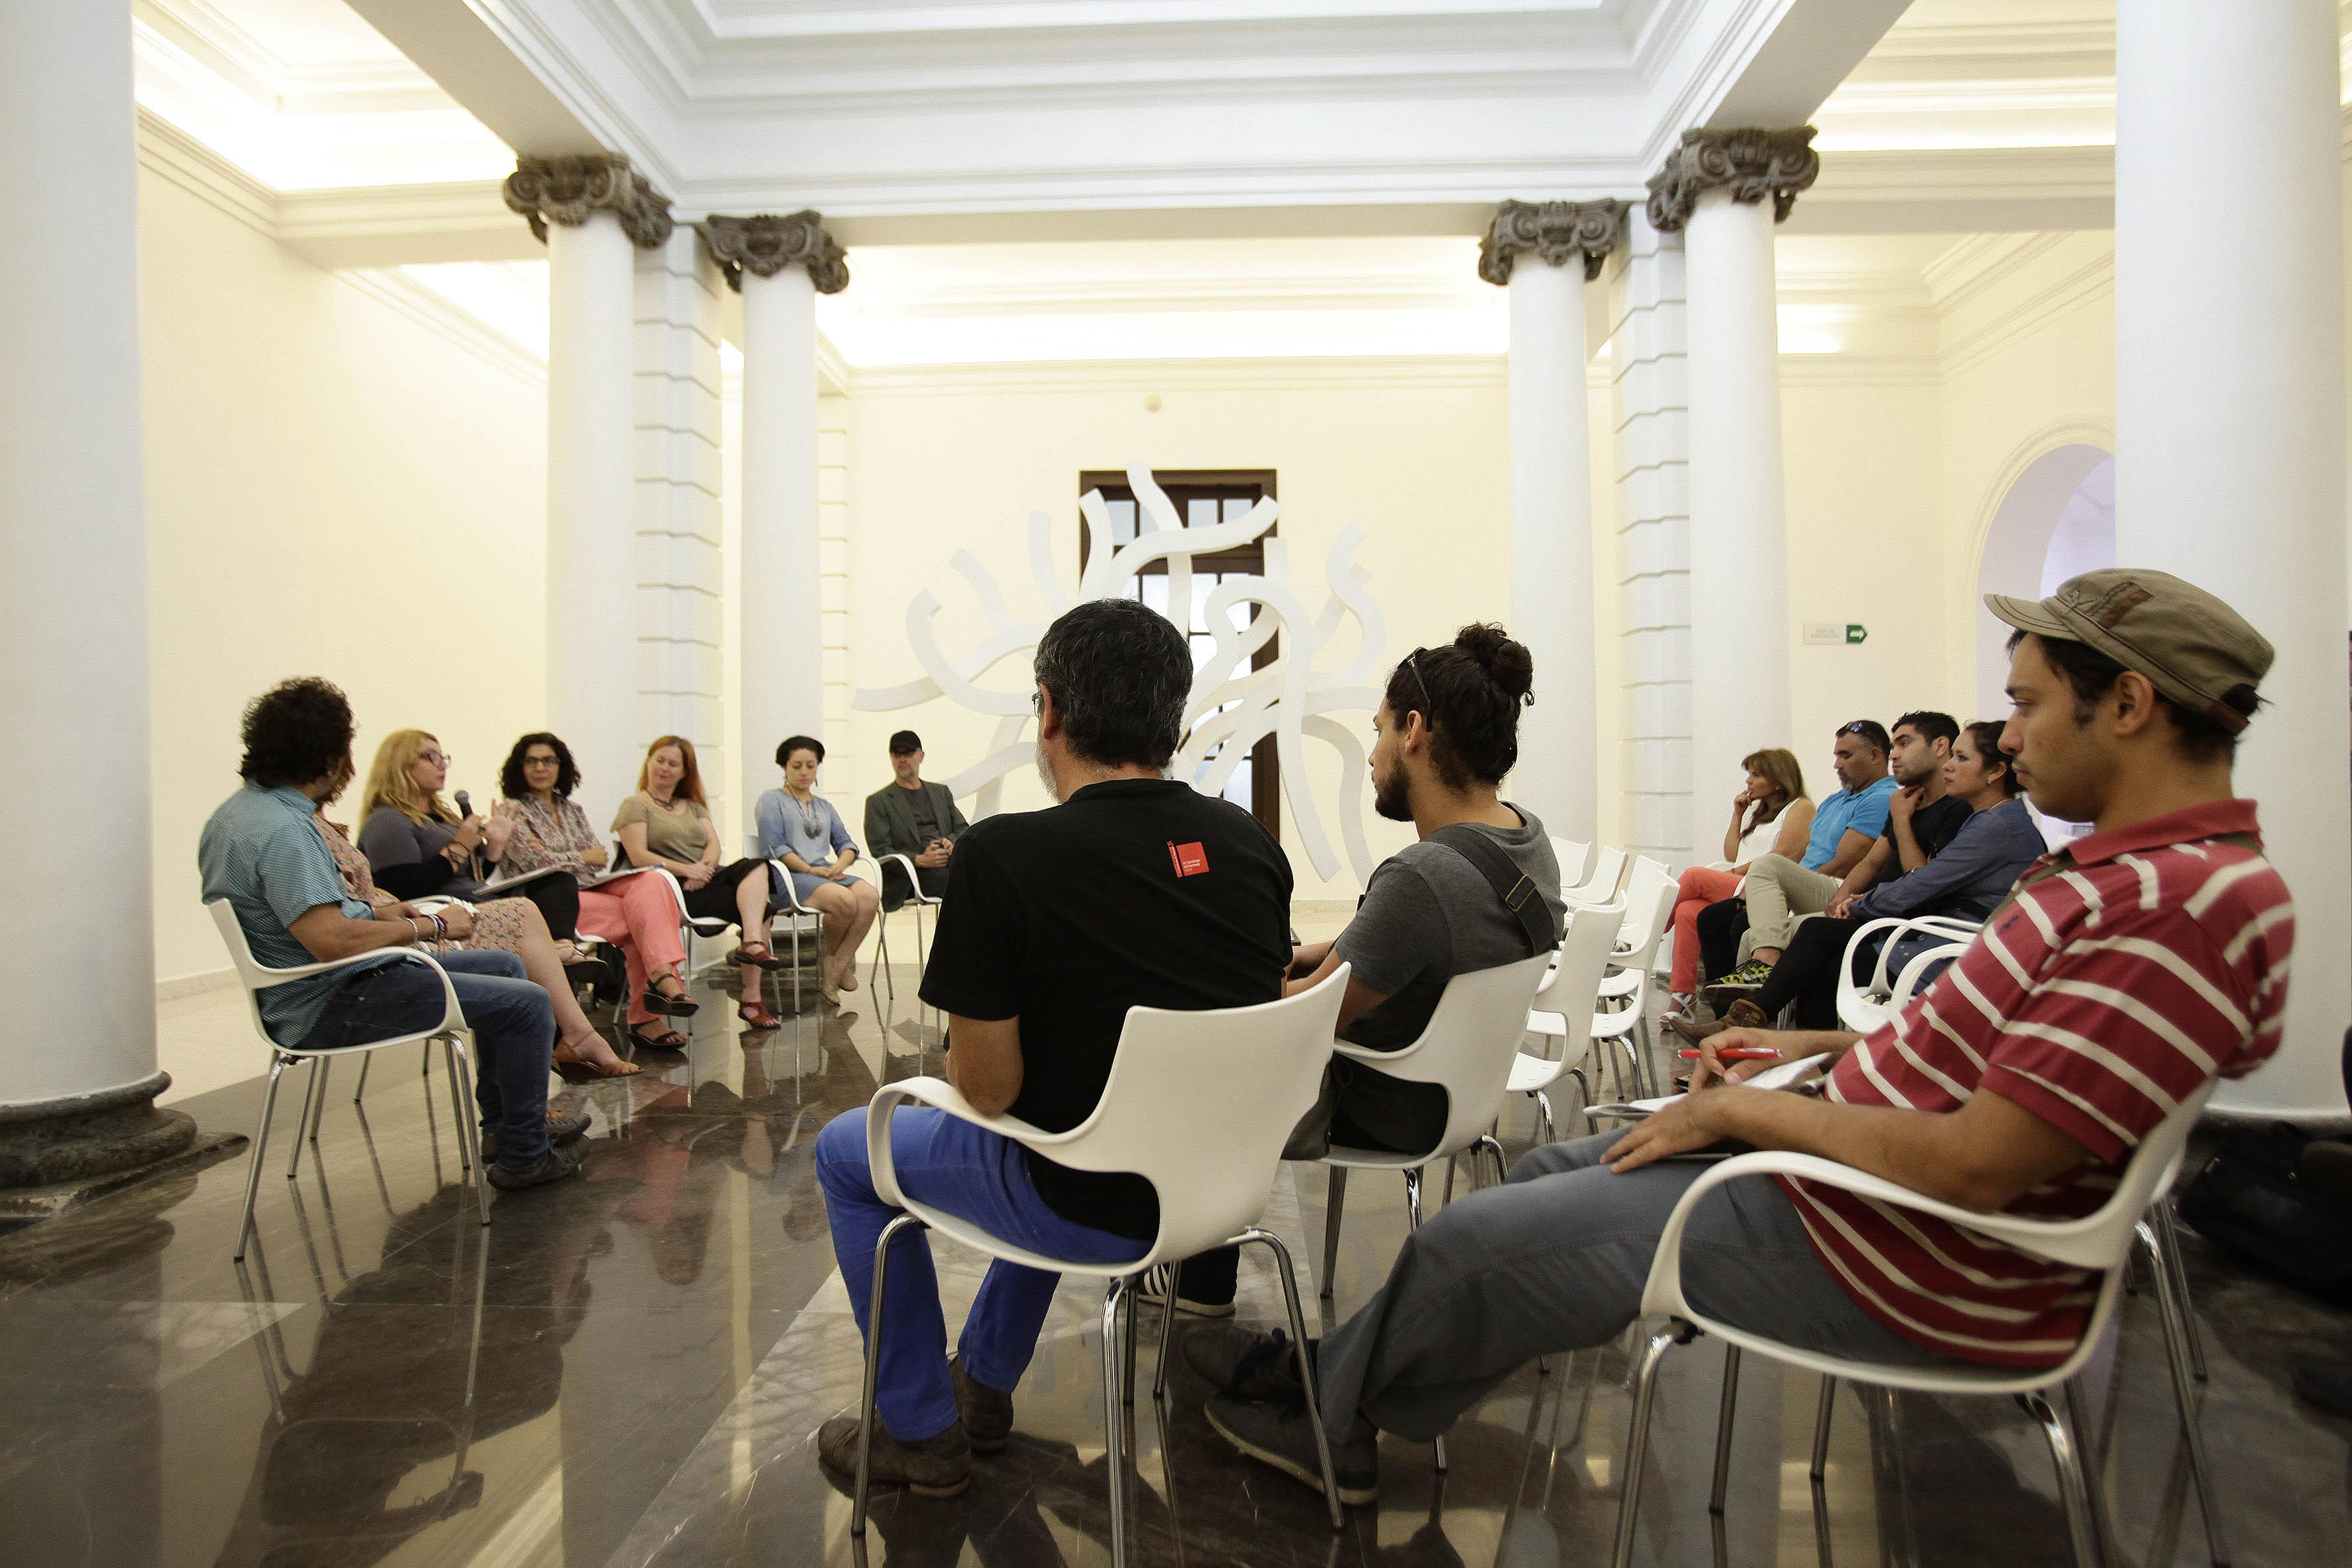 Vista panorámica de los asistentes, a la muestra en exposción de las obras de arte, política y medio ambiente.